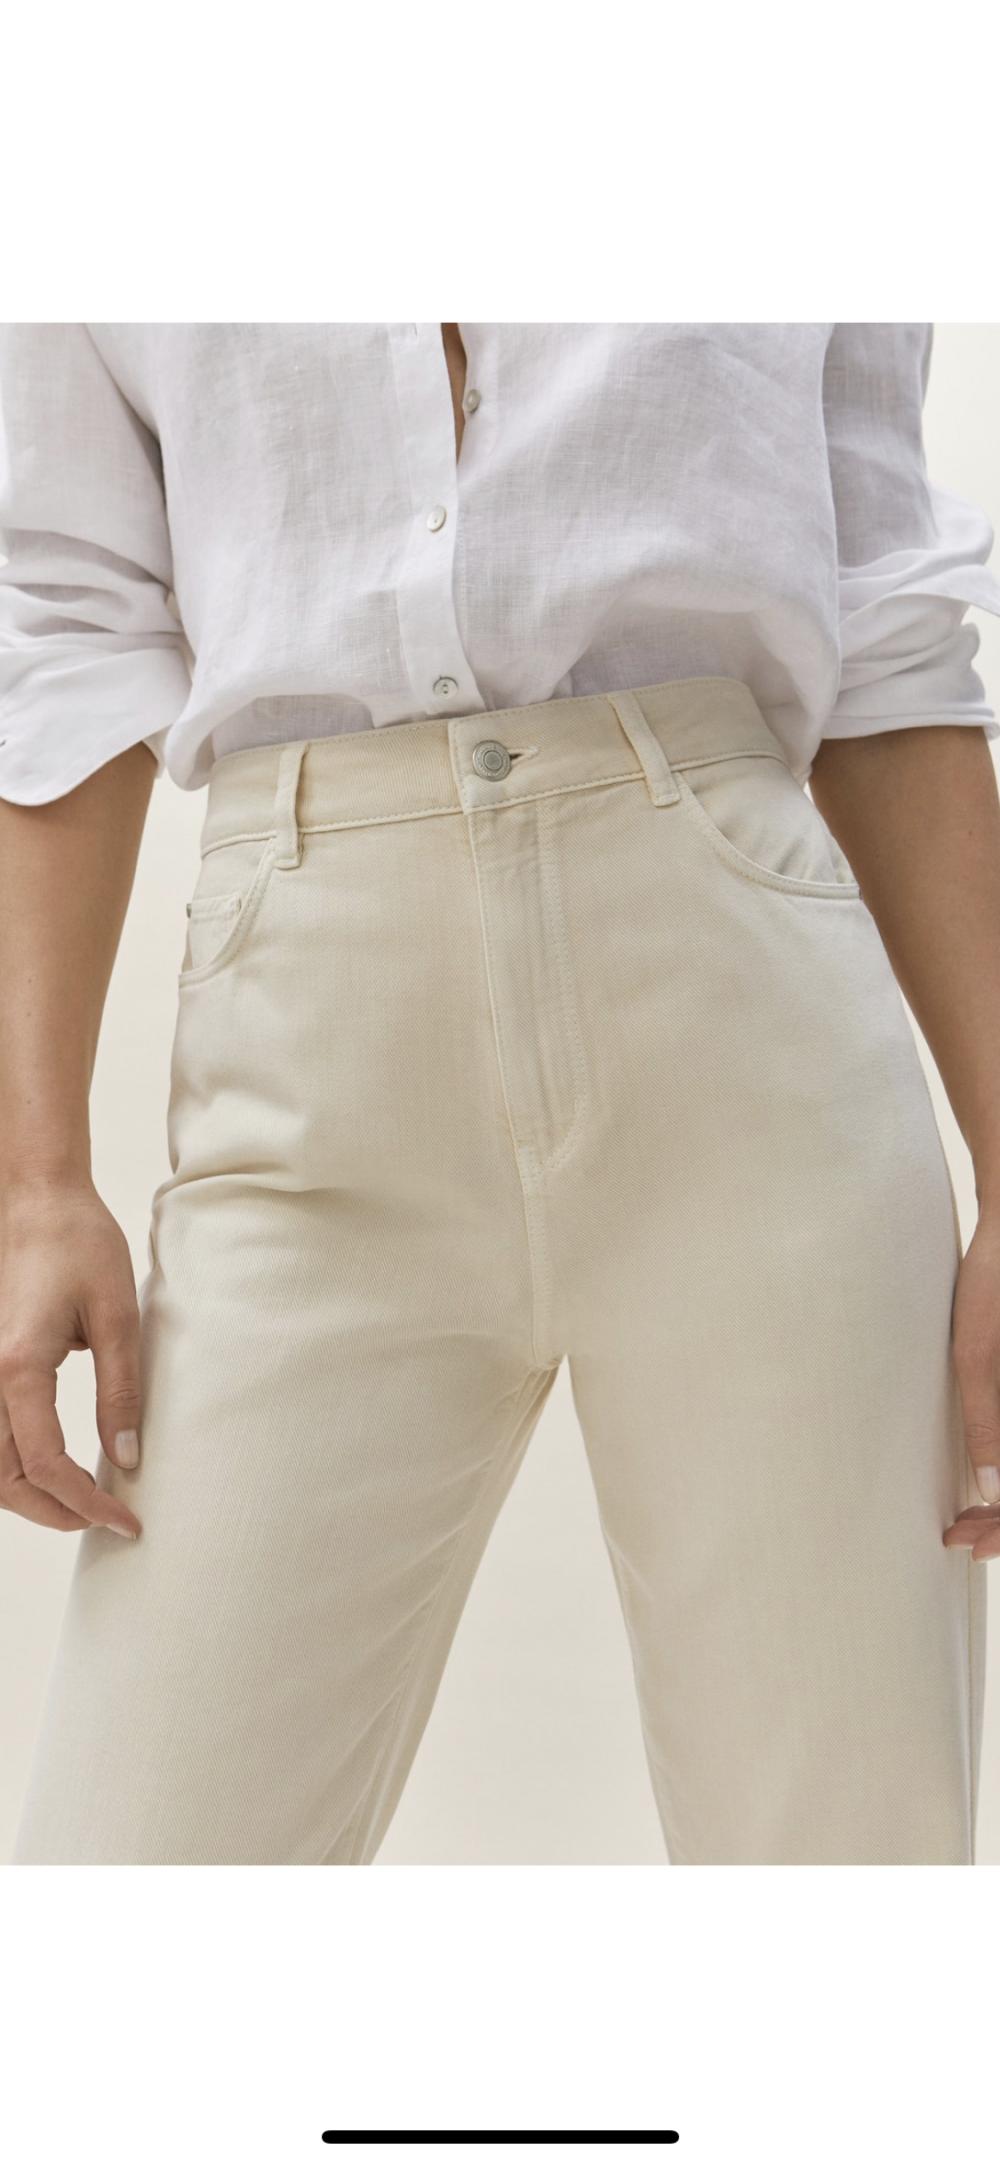 Джинсы Massimo Dutti размер 36